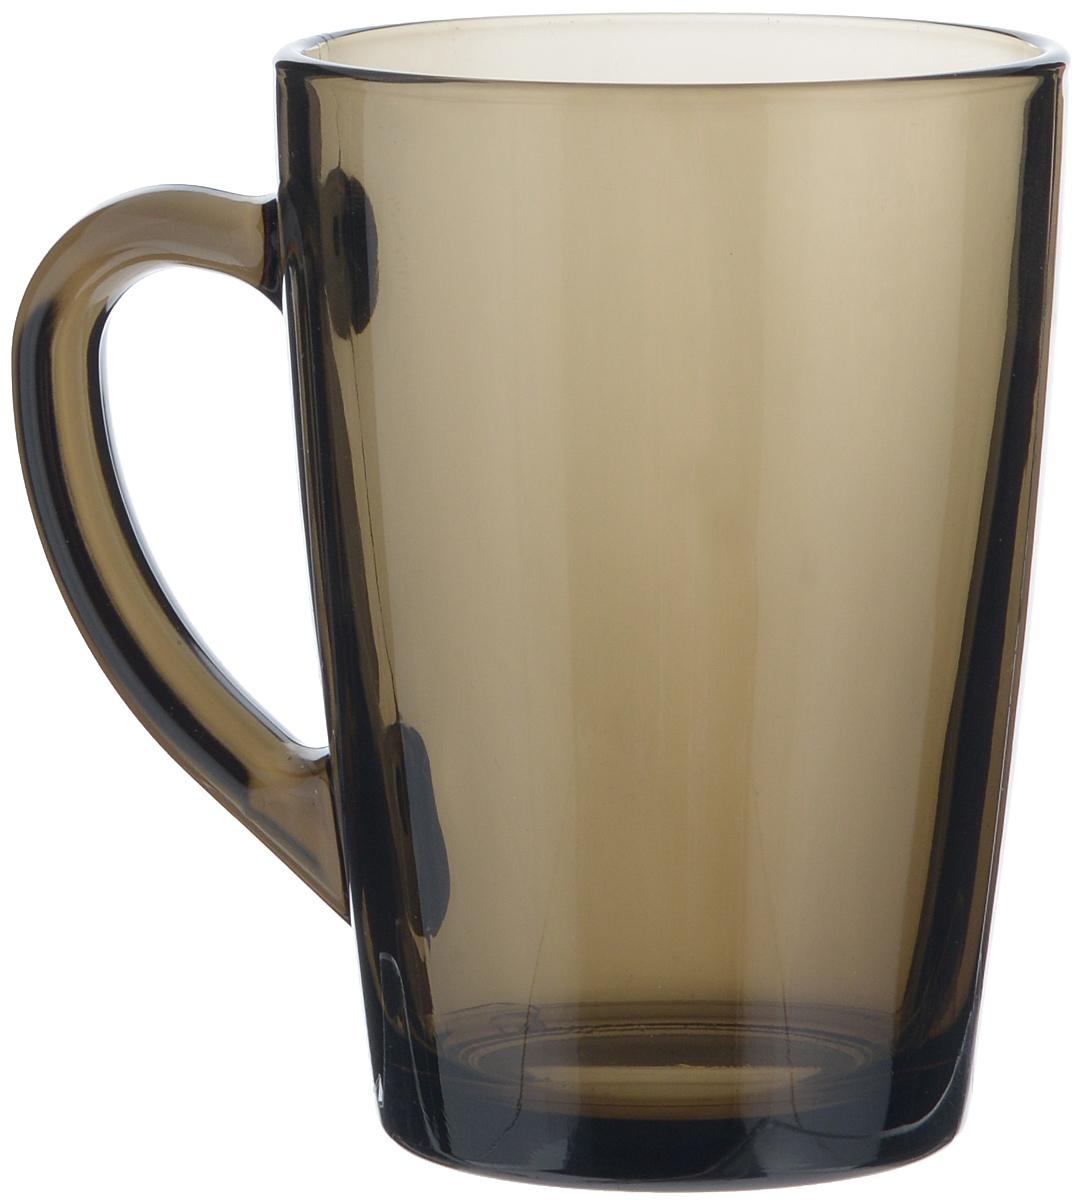 Кружка Luminarc С добрым утром, цвет: дымчатый, 320 млH9149Кружка Luminarc С добрым утром изготовлена из упрочнённого стекла. Такая кружка прекрасно подойдет для горячих и холодных напитков. Она дополнит коллекцию вашей кухонной посуды и будет служить долгие годы. Можно использовать в посудомоечной машине и СВЧ. Объем кружки: 320 мл. Диаметр кружки (по верхнему краю): 8 см. Высота стенки кружки: 11 см.